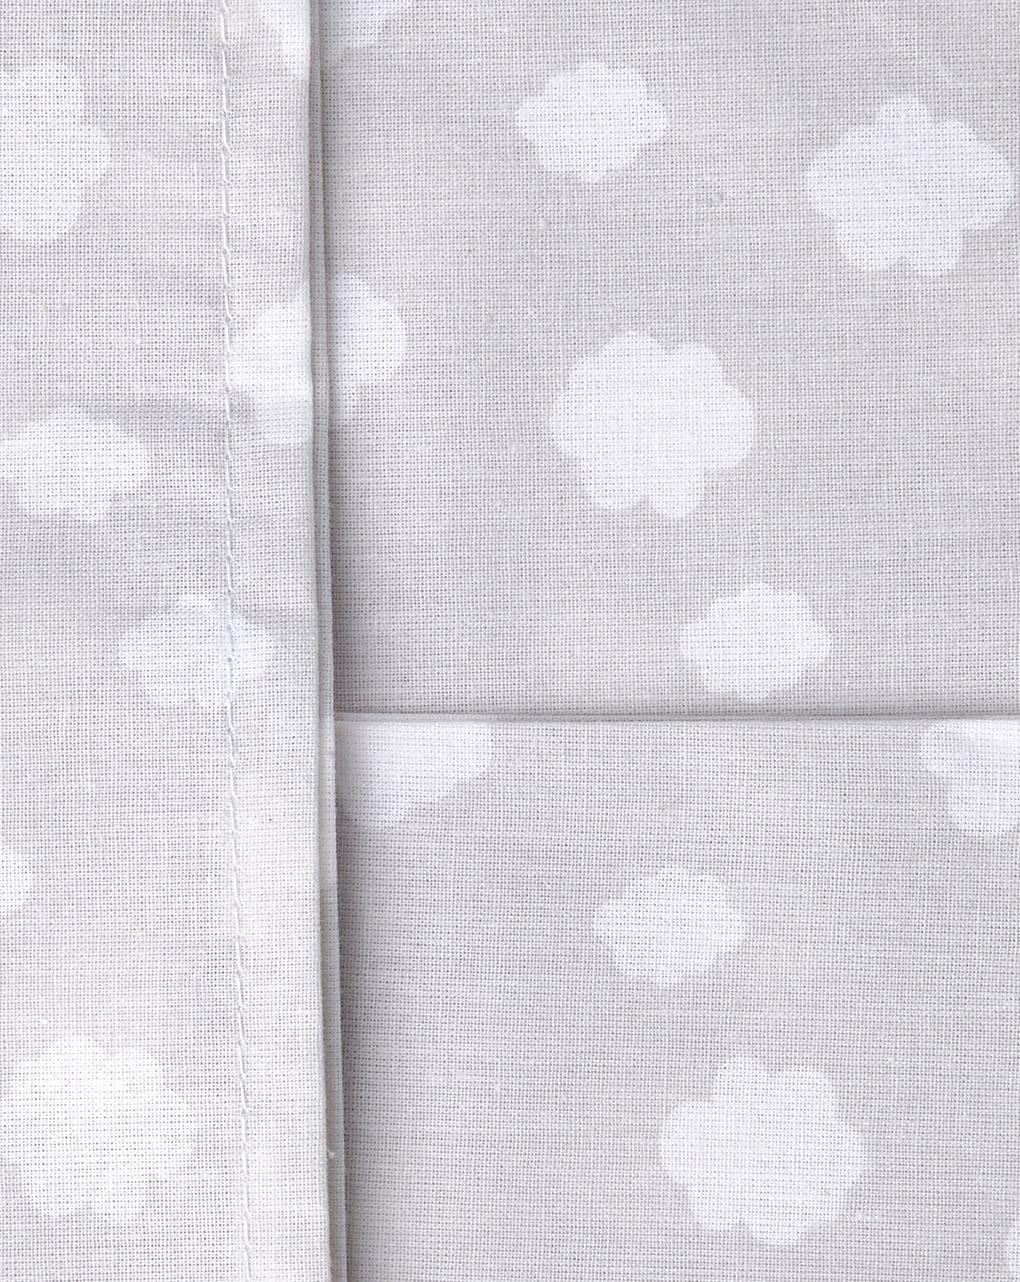 Culla/carrozzina - papure per culla 2 pezzi grigio a pois e nuvole - Prénatal